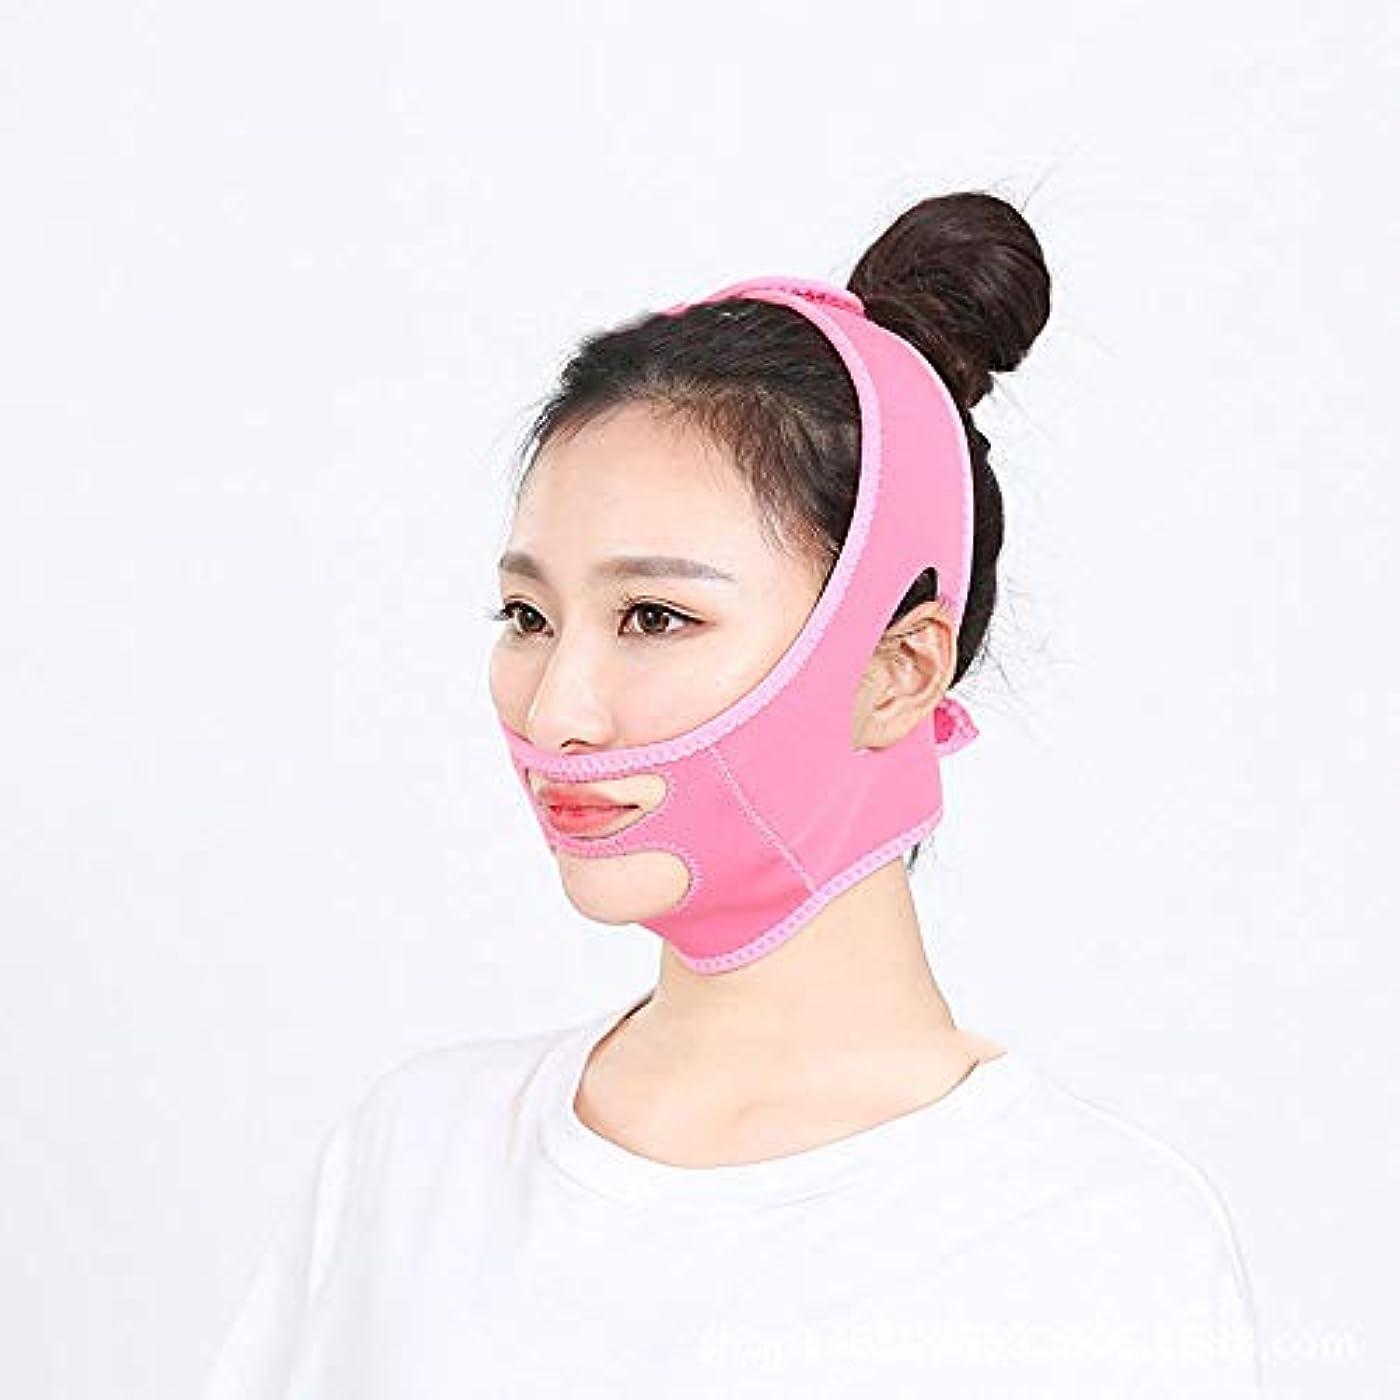 道路難しい講堂フェイスリフトマスク包帯、フェイスリフティングアーティファクト/vフェイススリープマスク/フェイスリフト補正メロンフェイスシェイパー(ブルー/パープル/ピンク),Pink